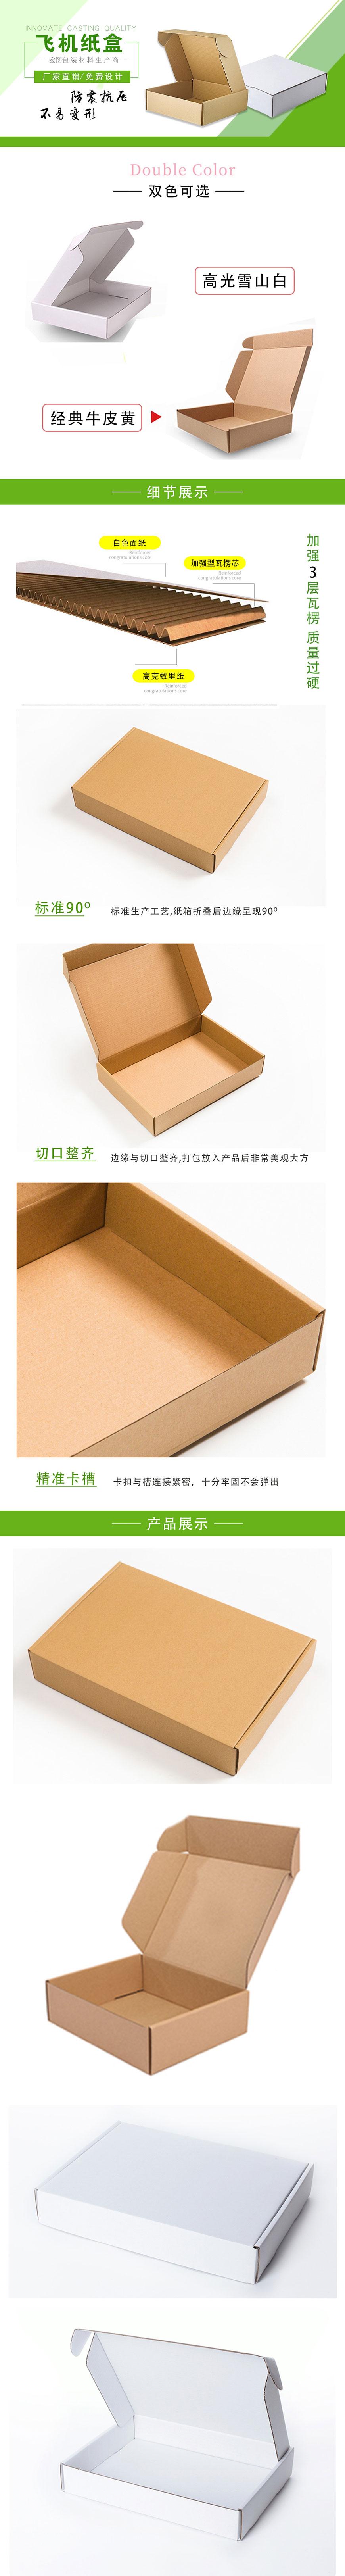 飞机纸盒.jpg